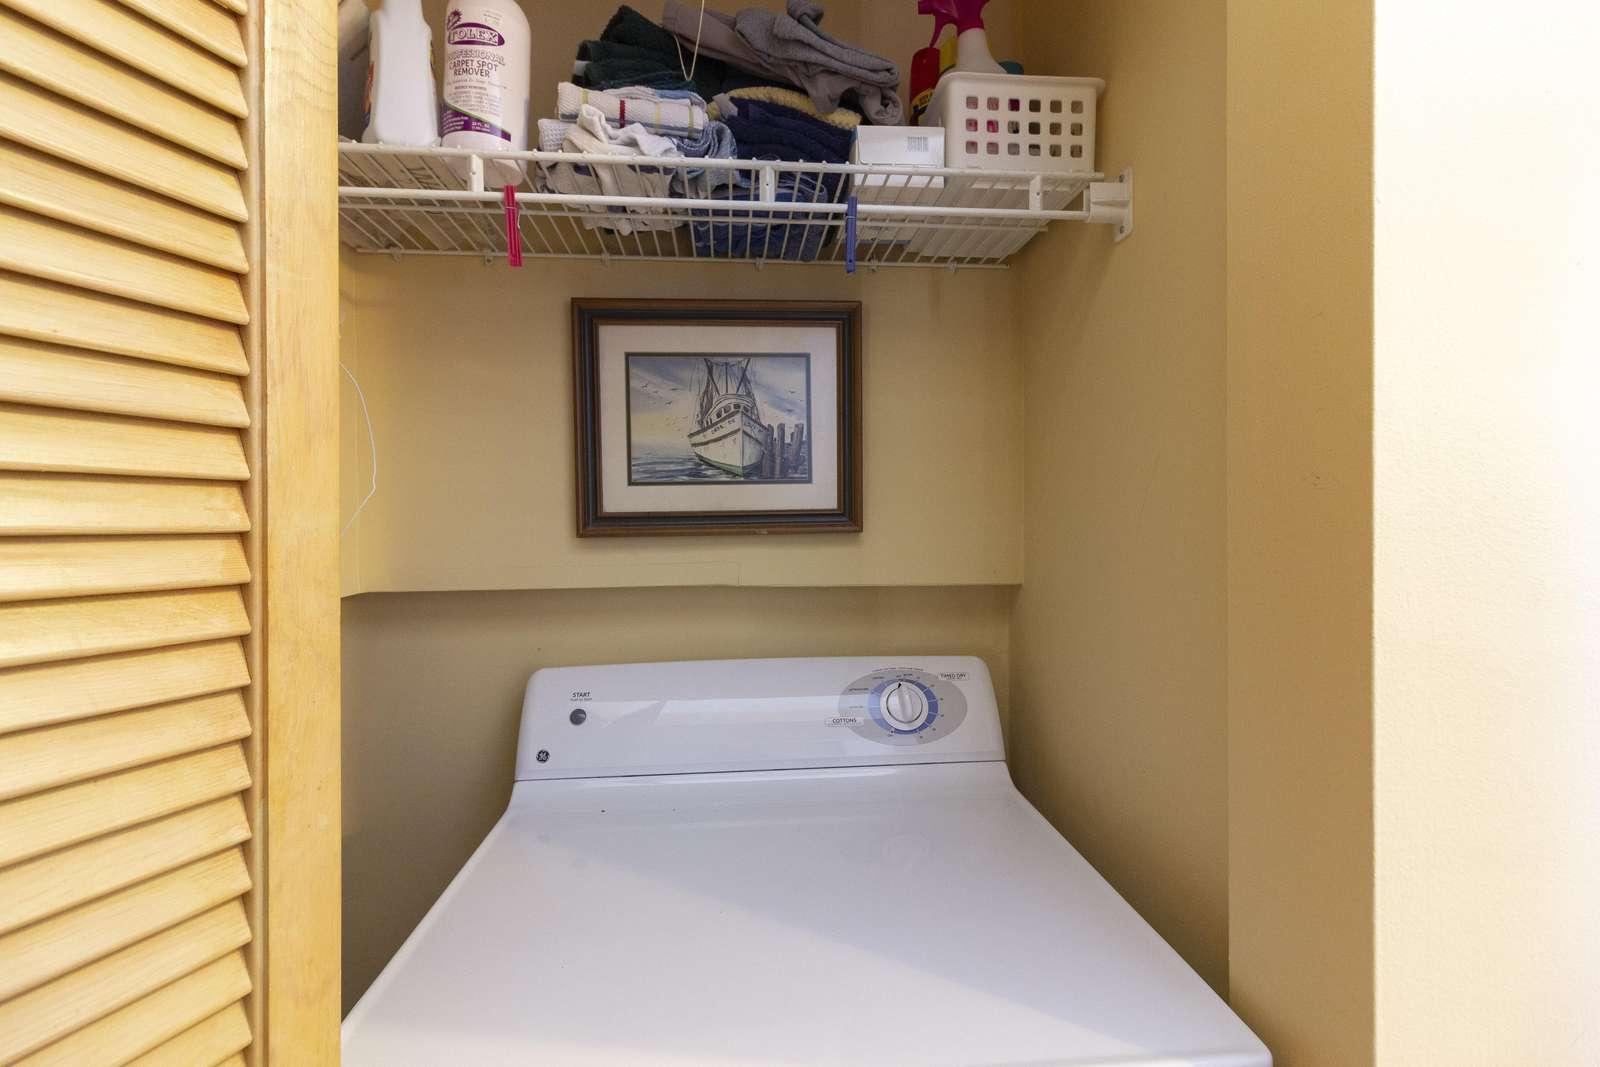 Laundry (washer/dryer)